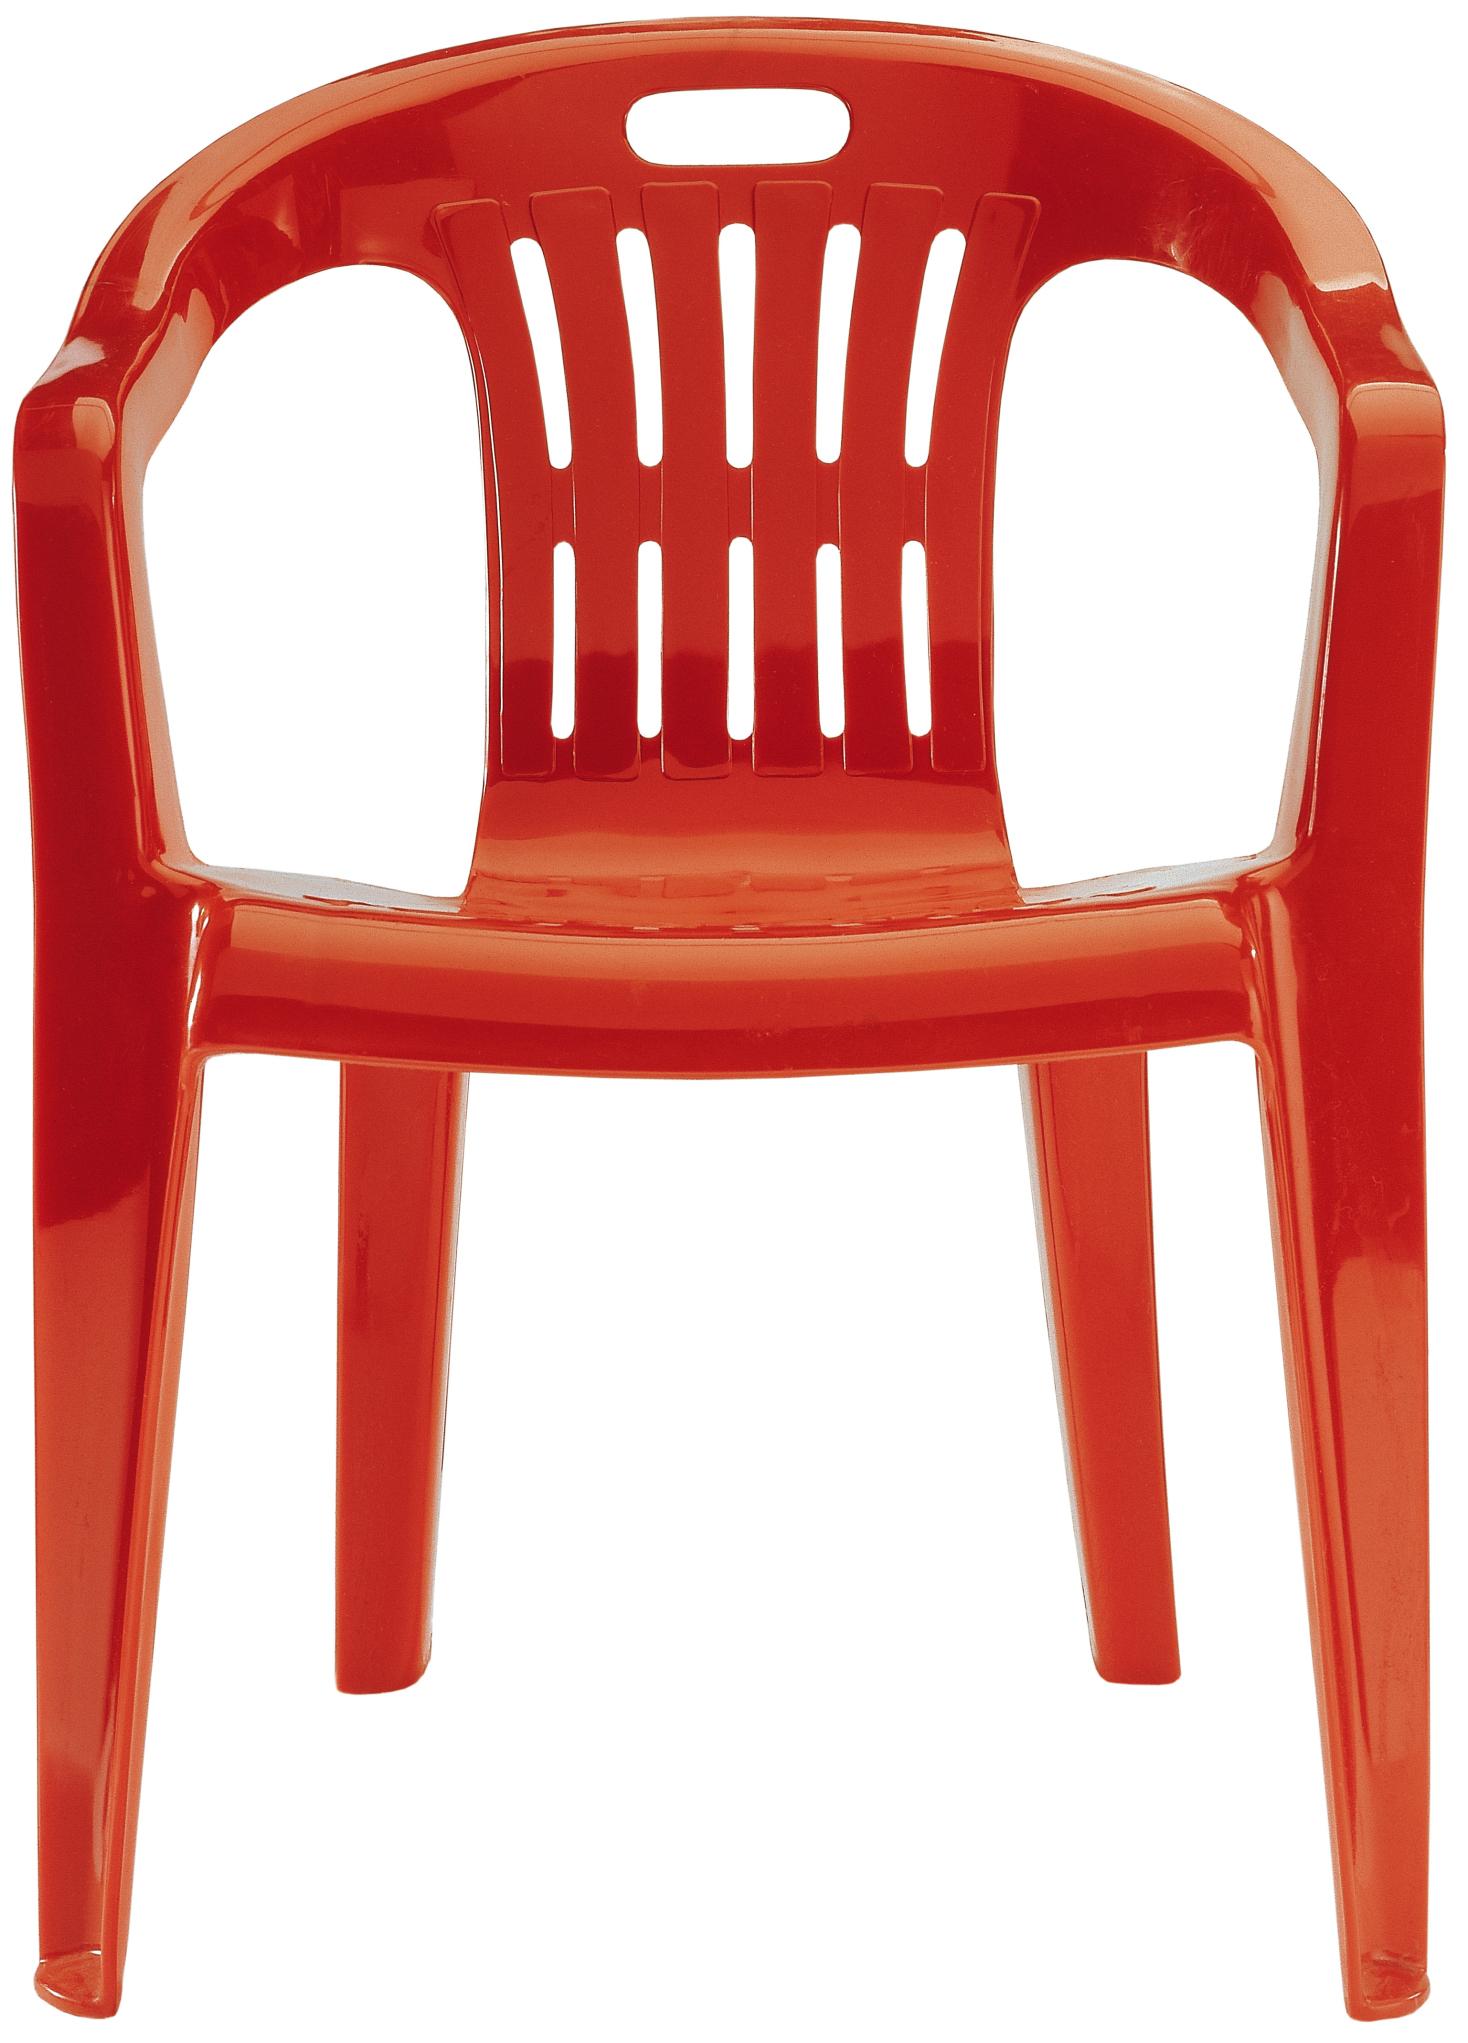 Qu pinturas se adhieren a las sillas de pl stico